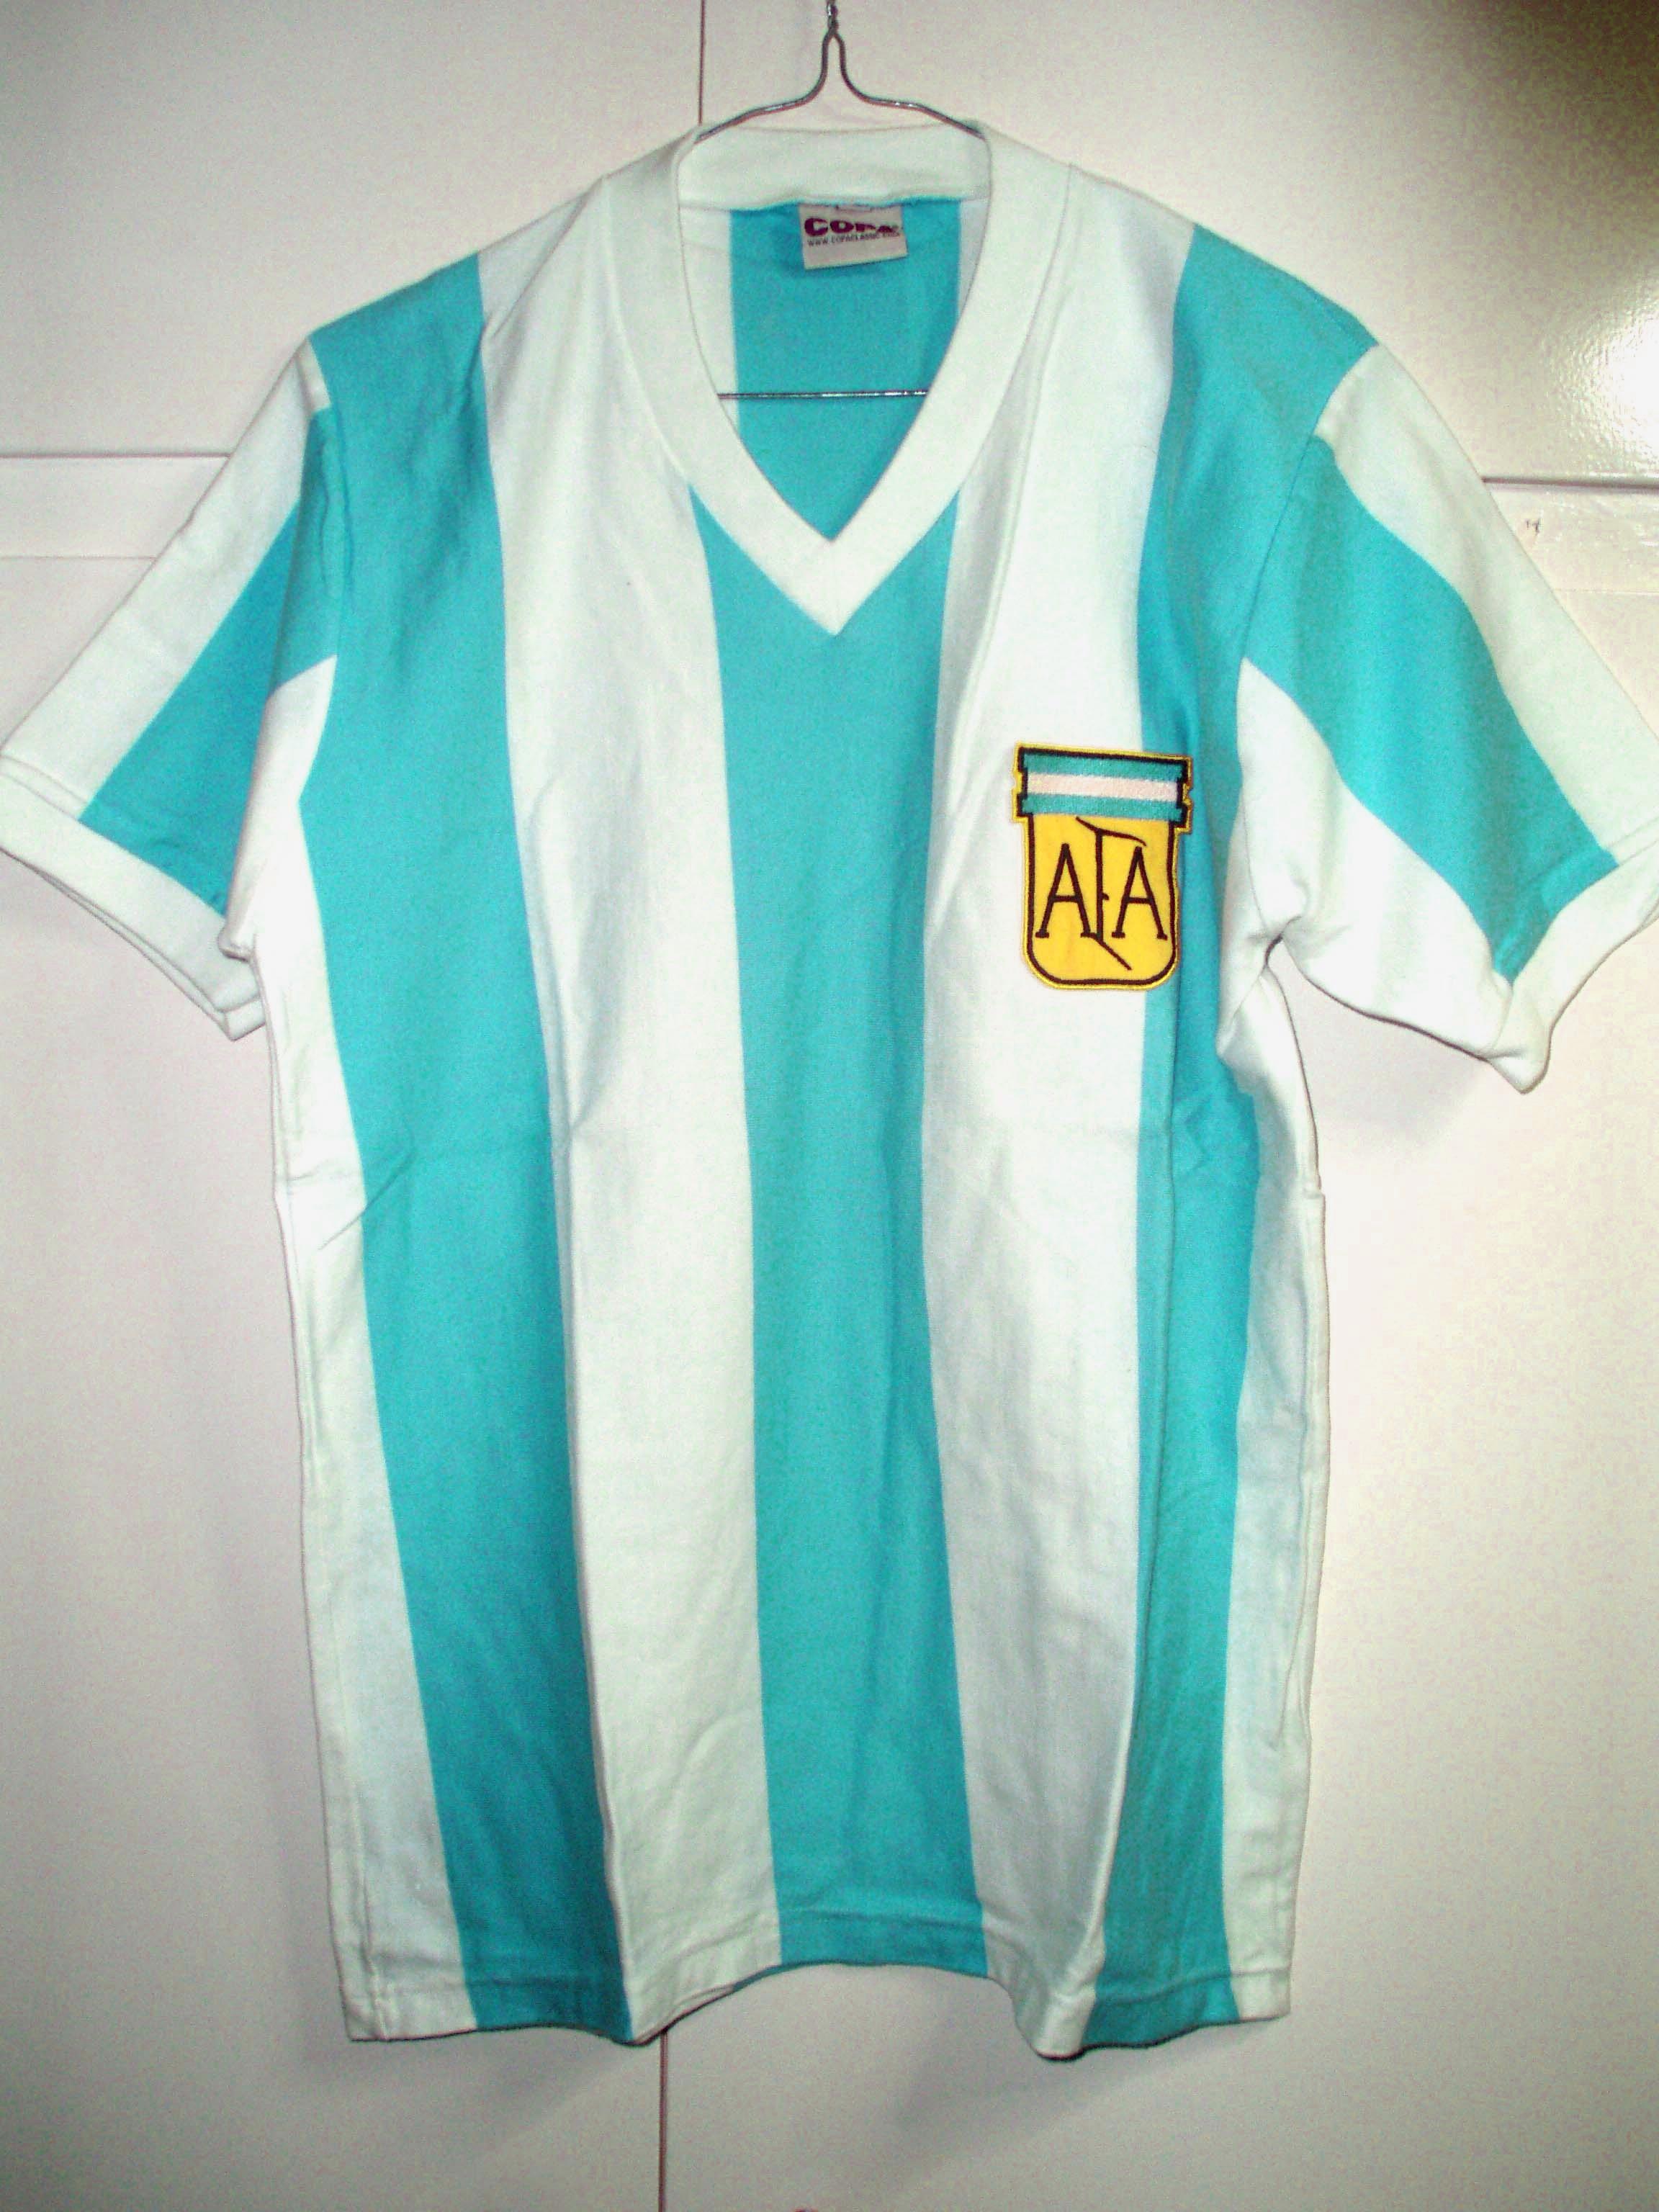 Camisetas en mundiales - Seleccion Argentina